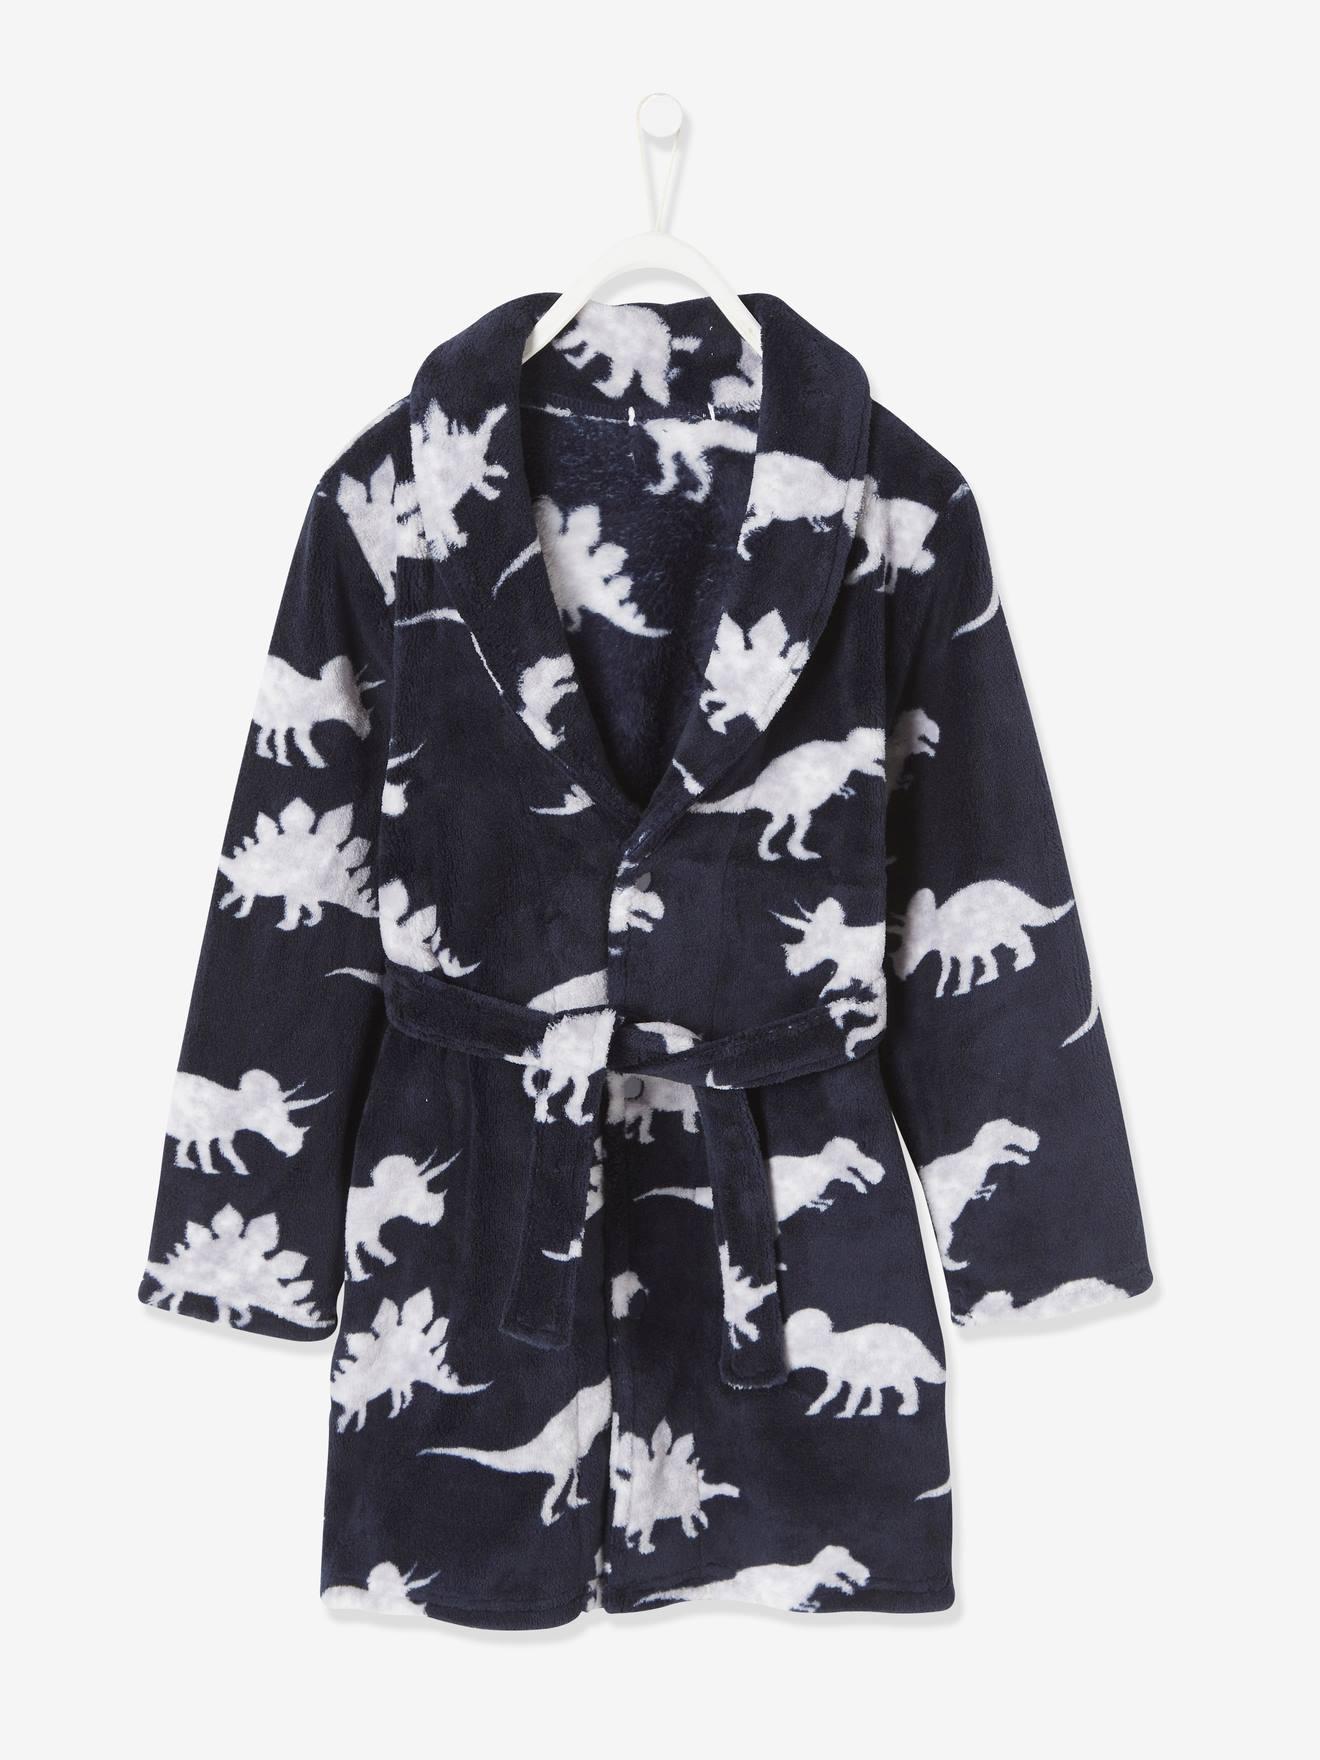 Robe de chambre aspect peluche garçon dinosaure encre imprimé